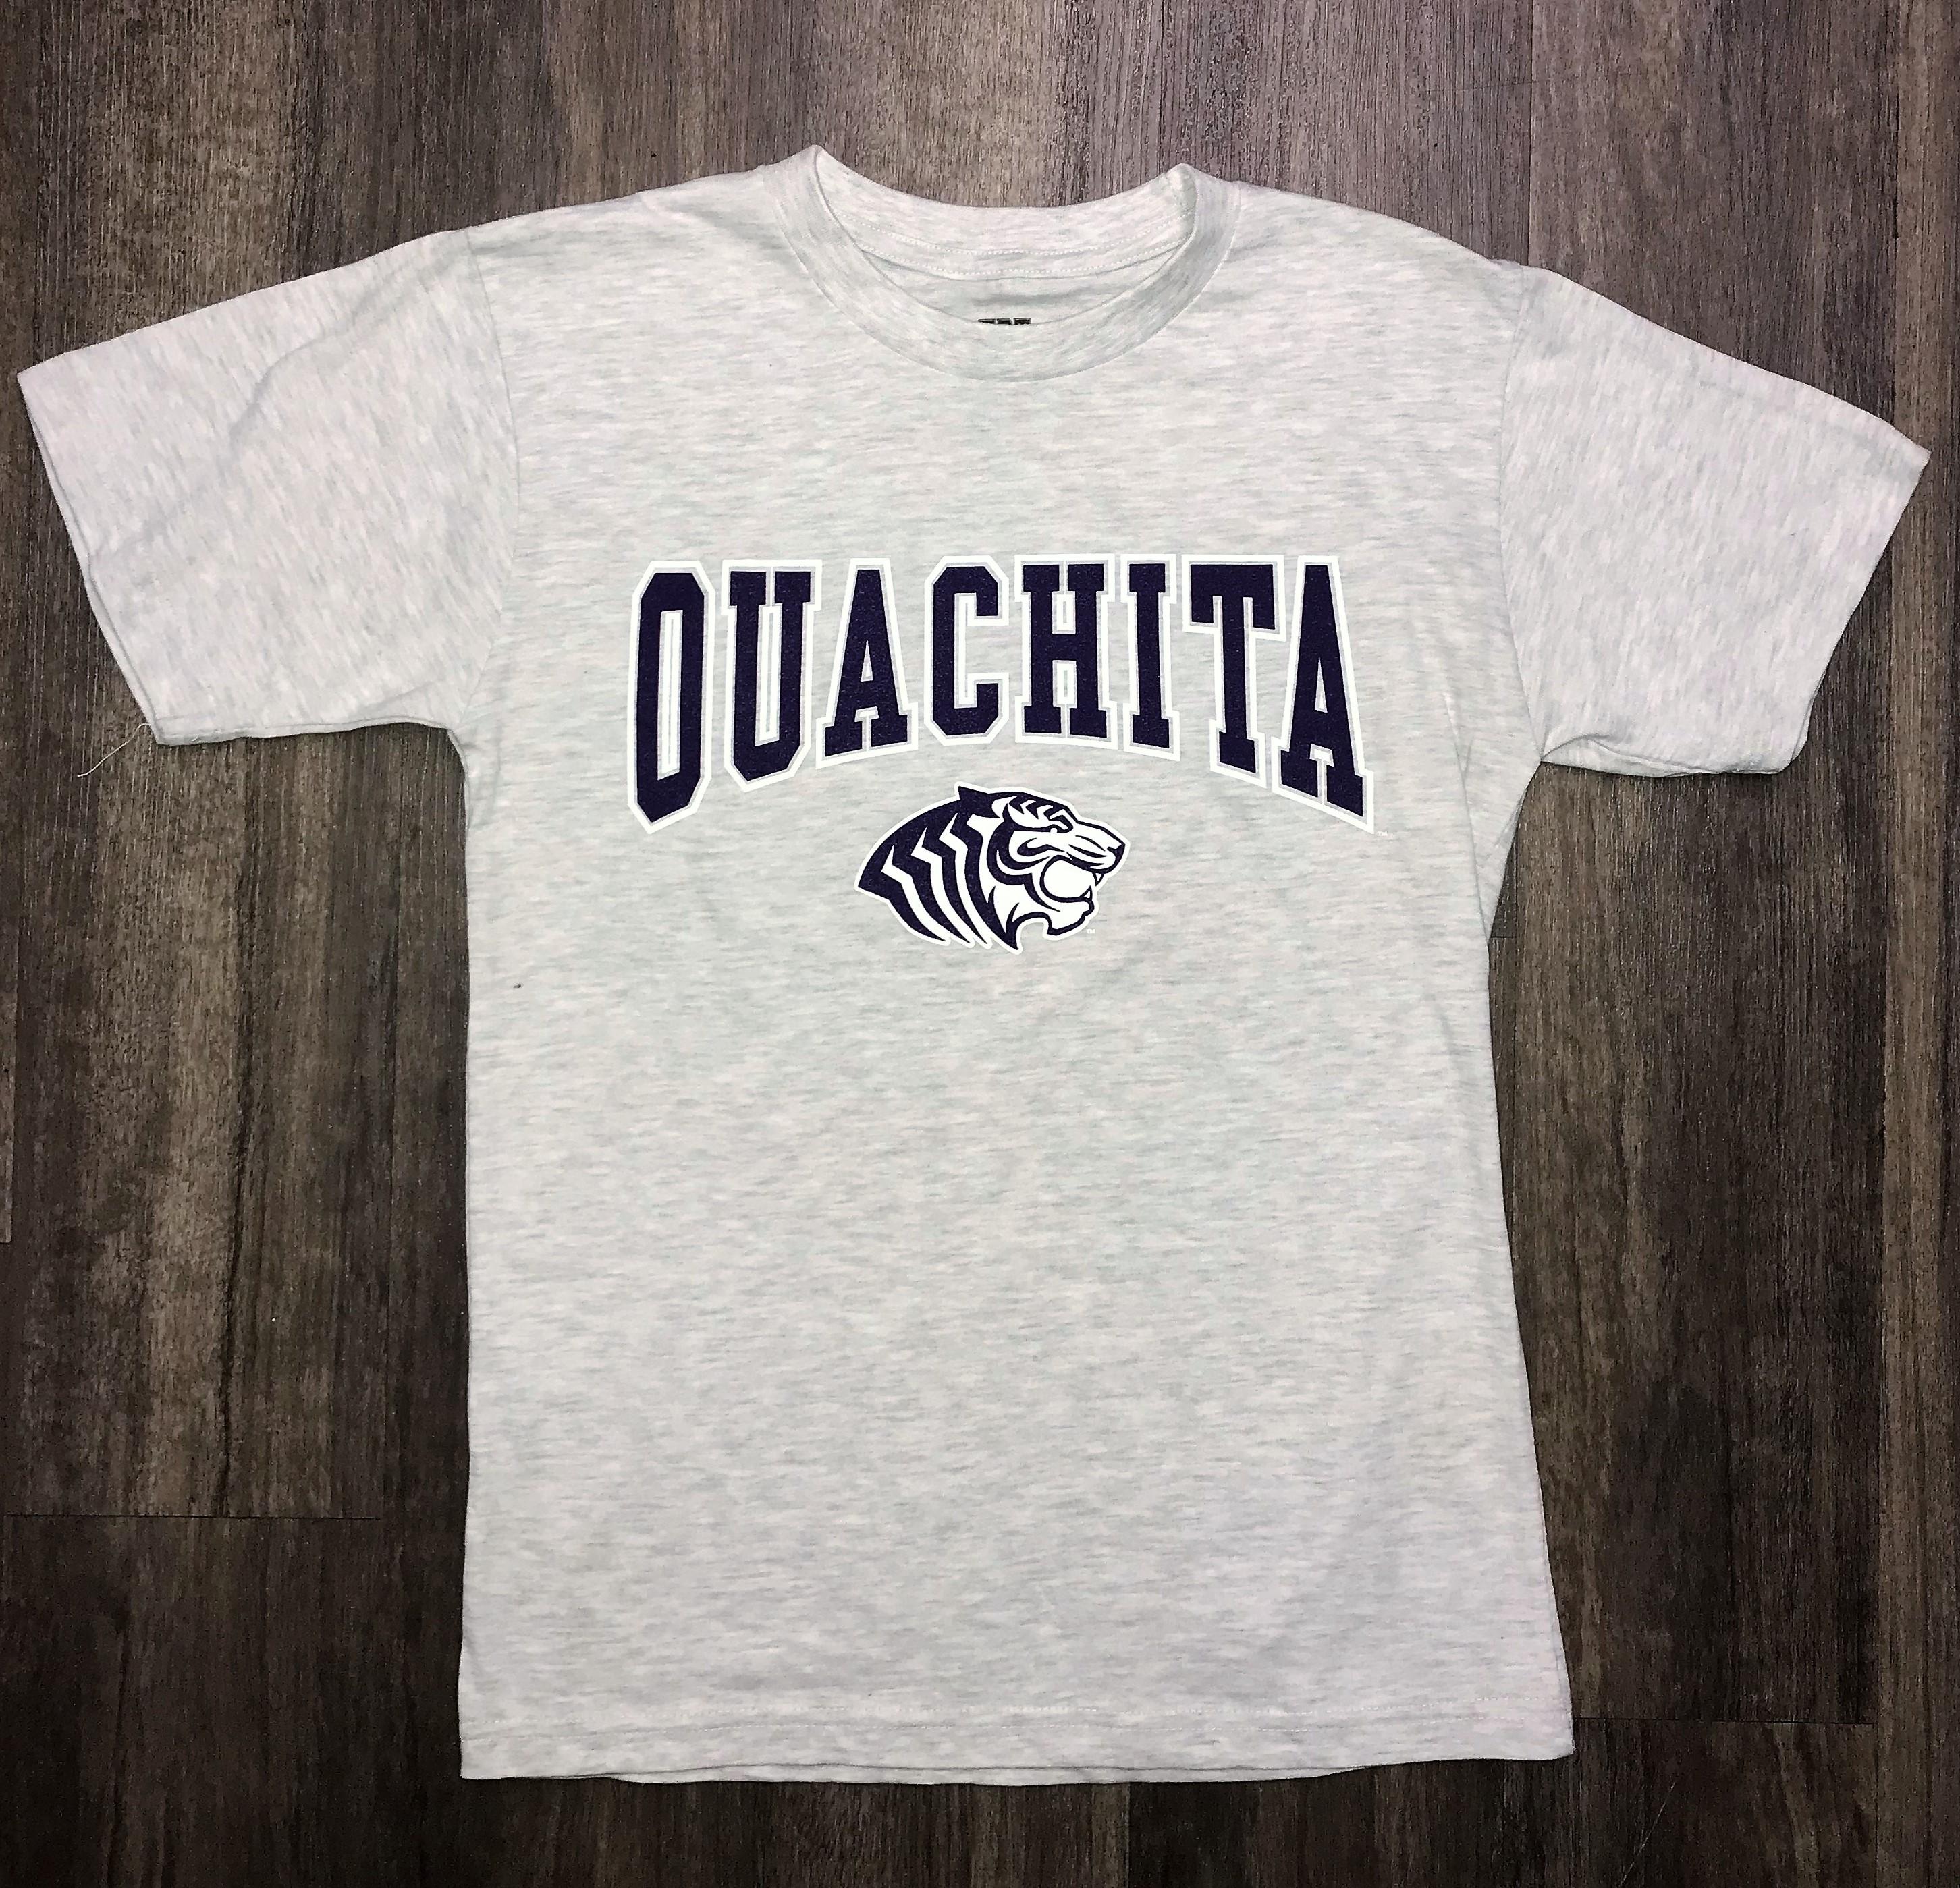 OUACHITA W/ TIGER LOGO SS TEE